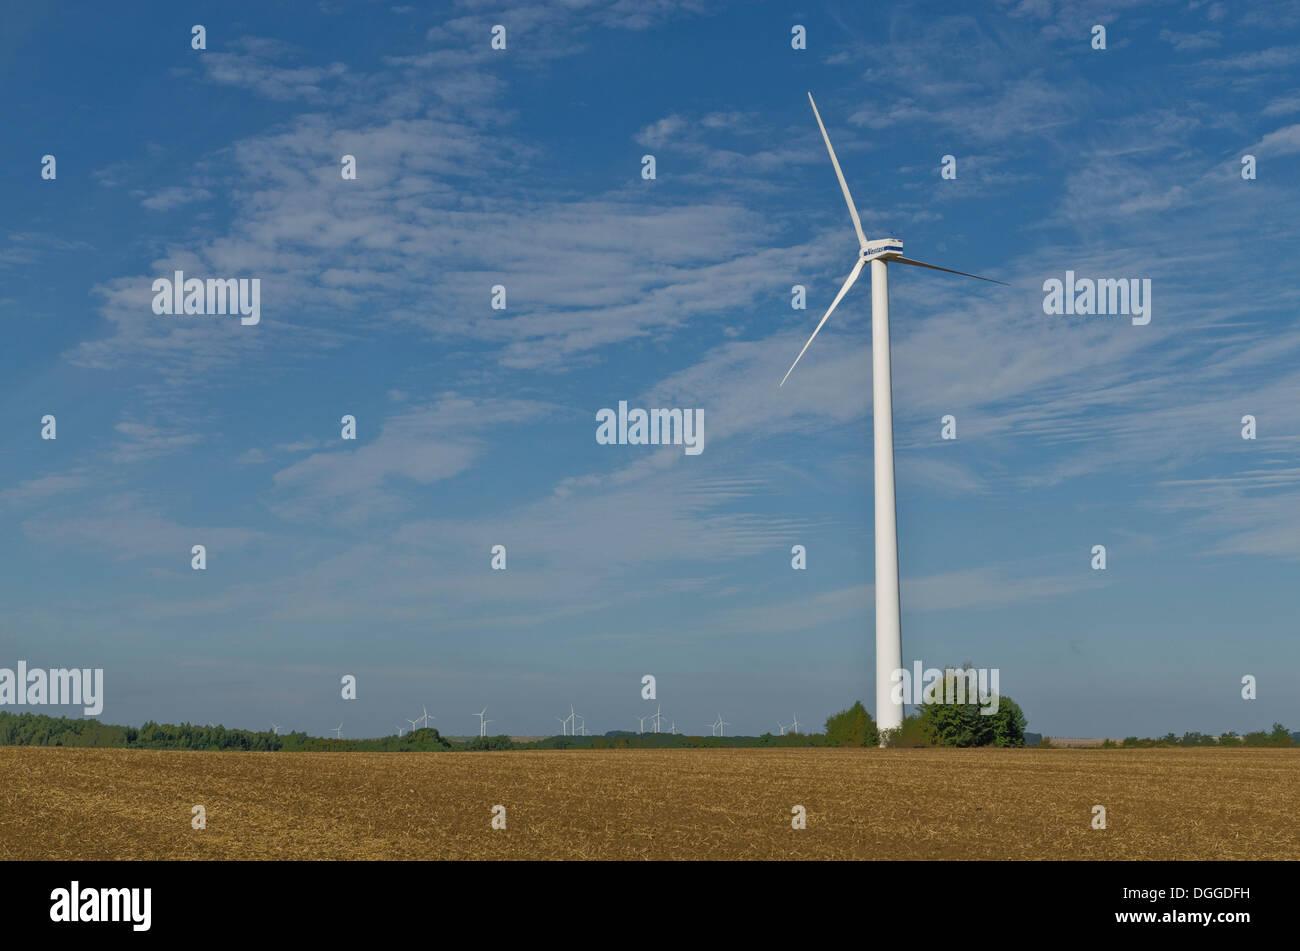 One wind powerplant in agriculture landscape, Deutschenbora, Saxony - Stock Image